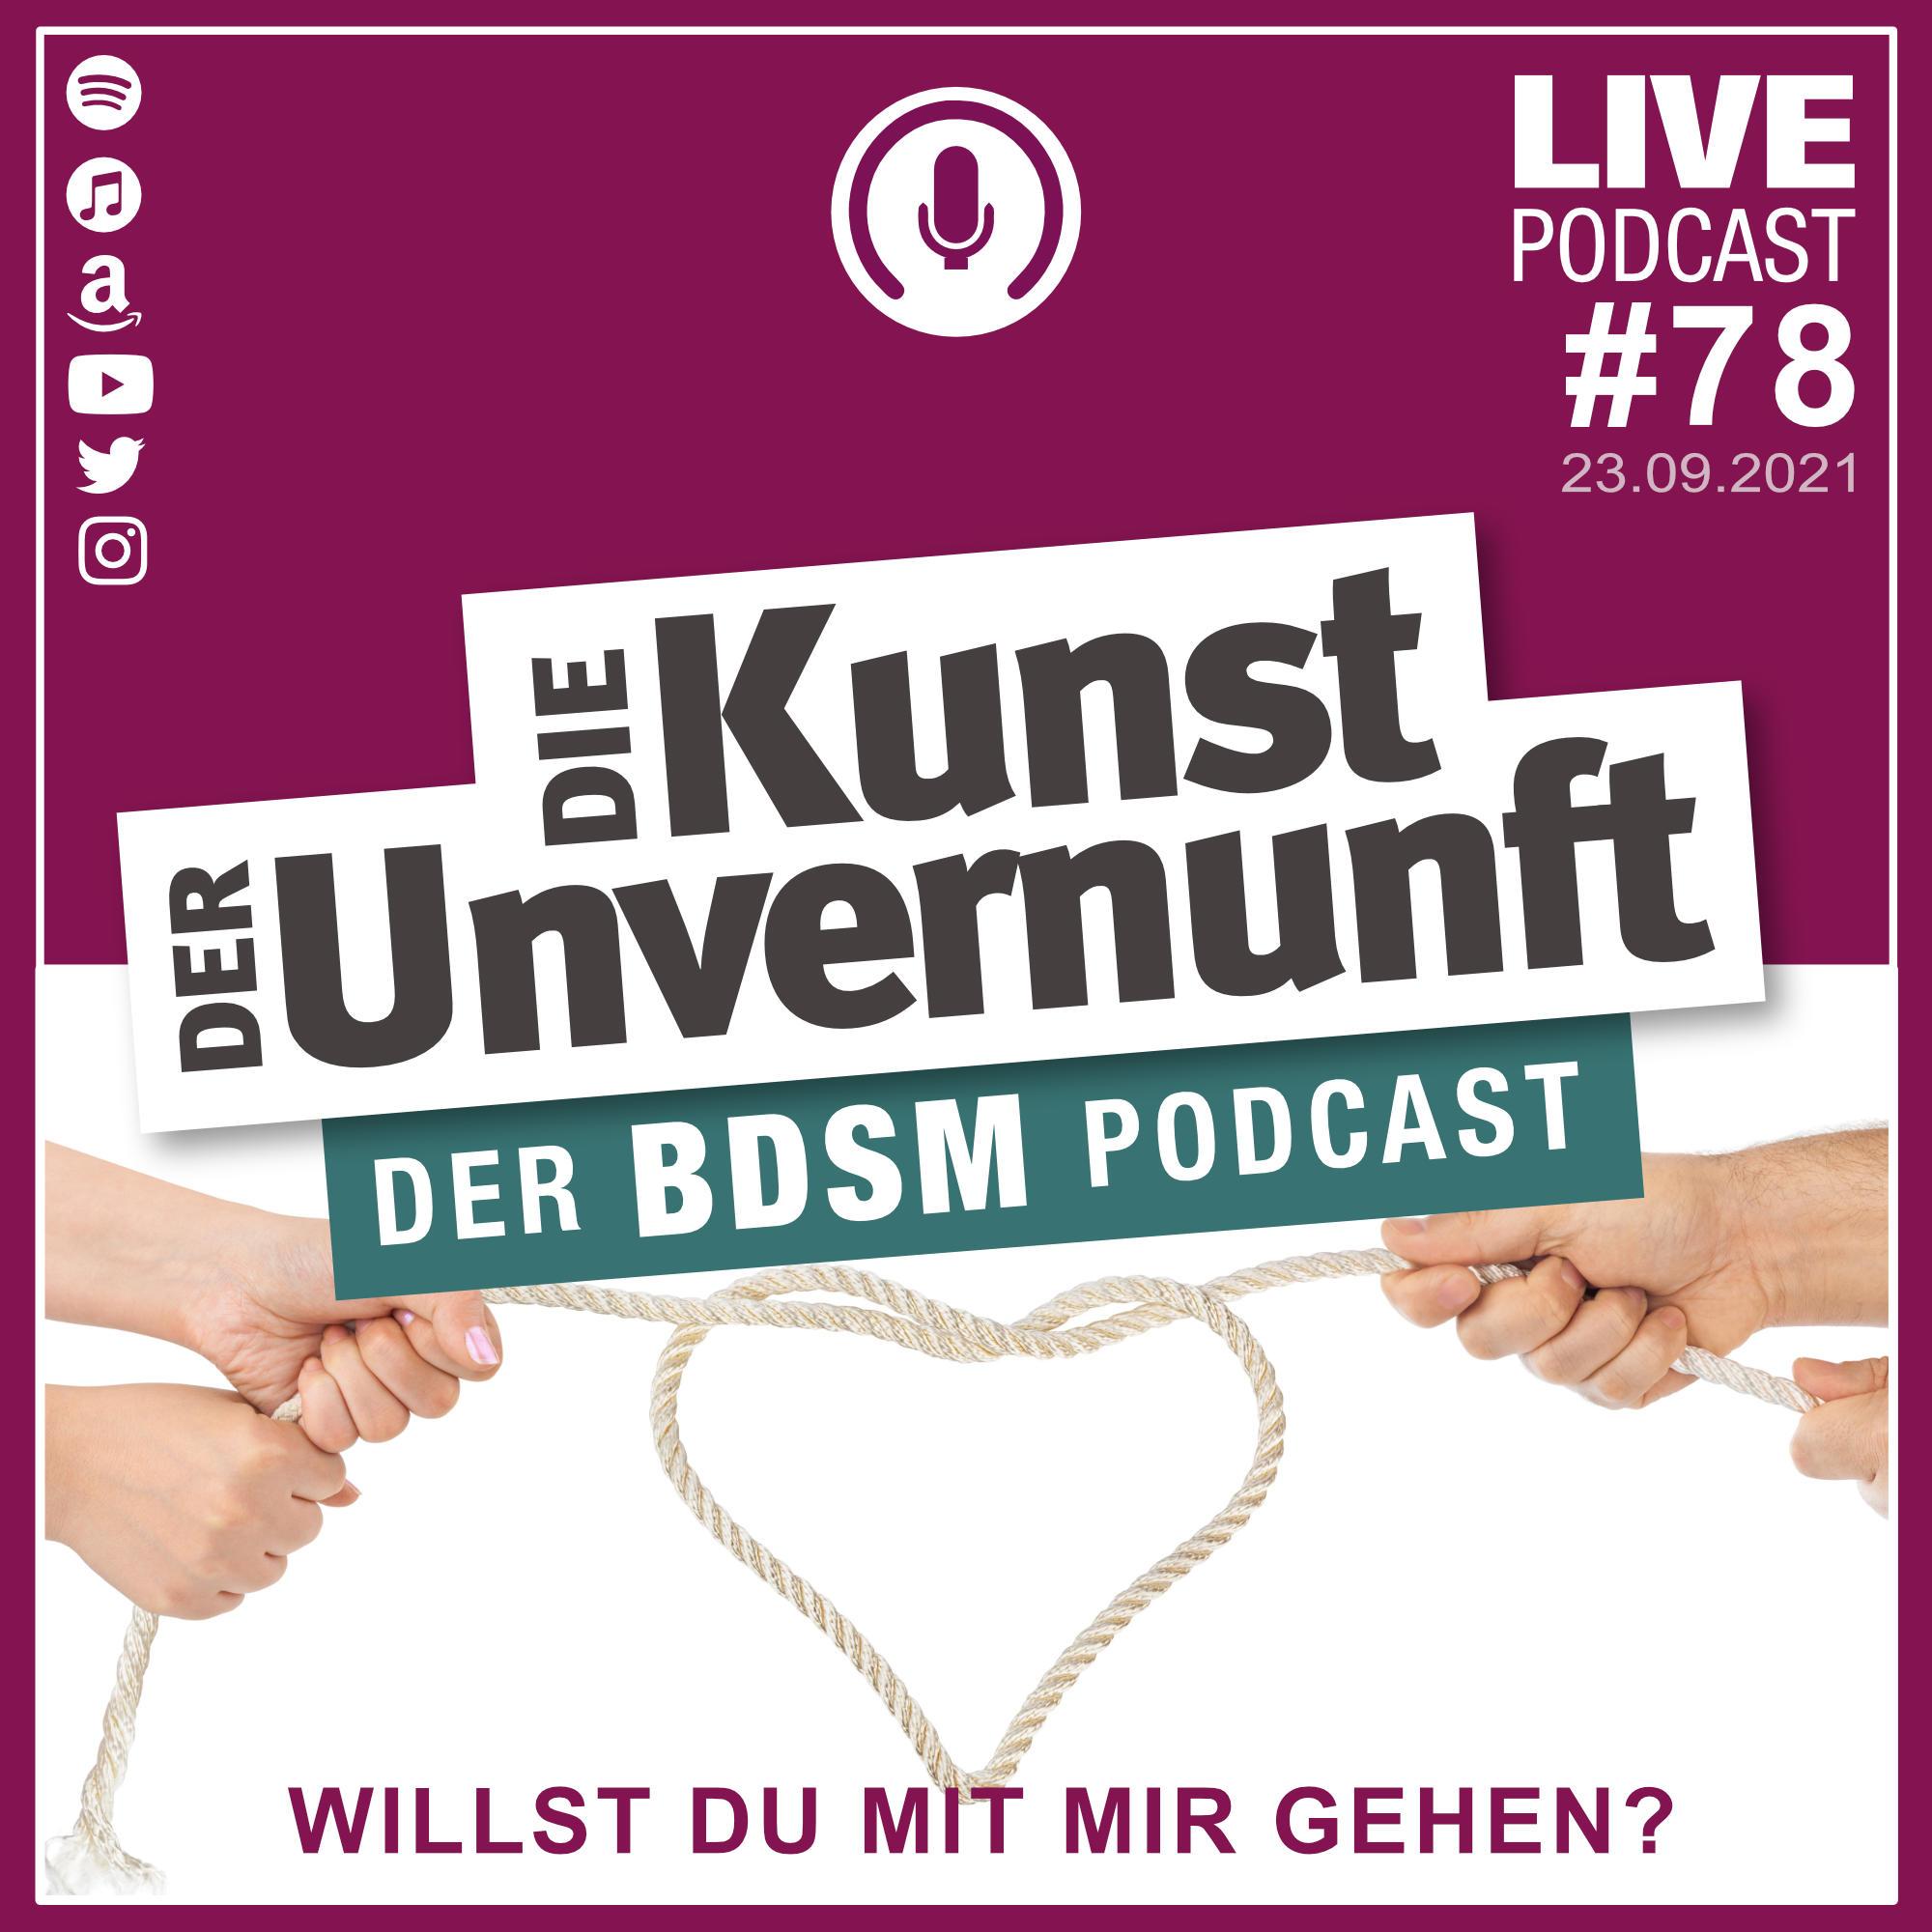 Unvernunft Live 23.09.2021 - Willst Du mit mir gehen?